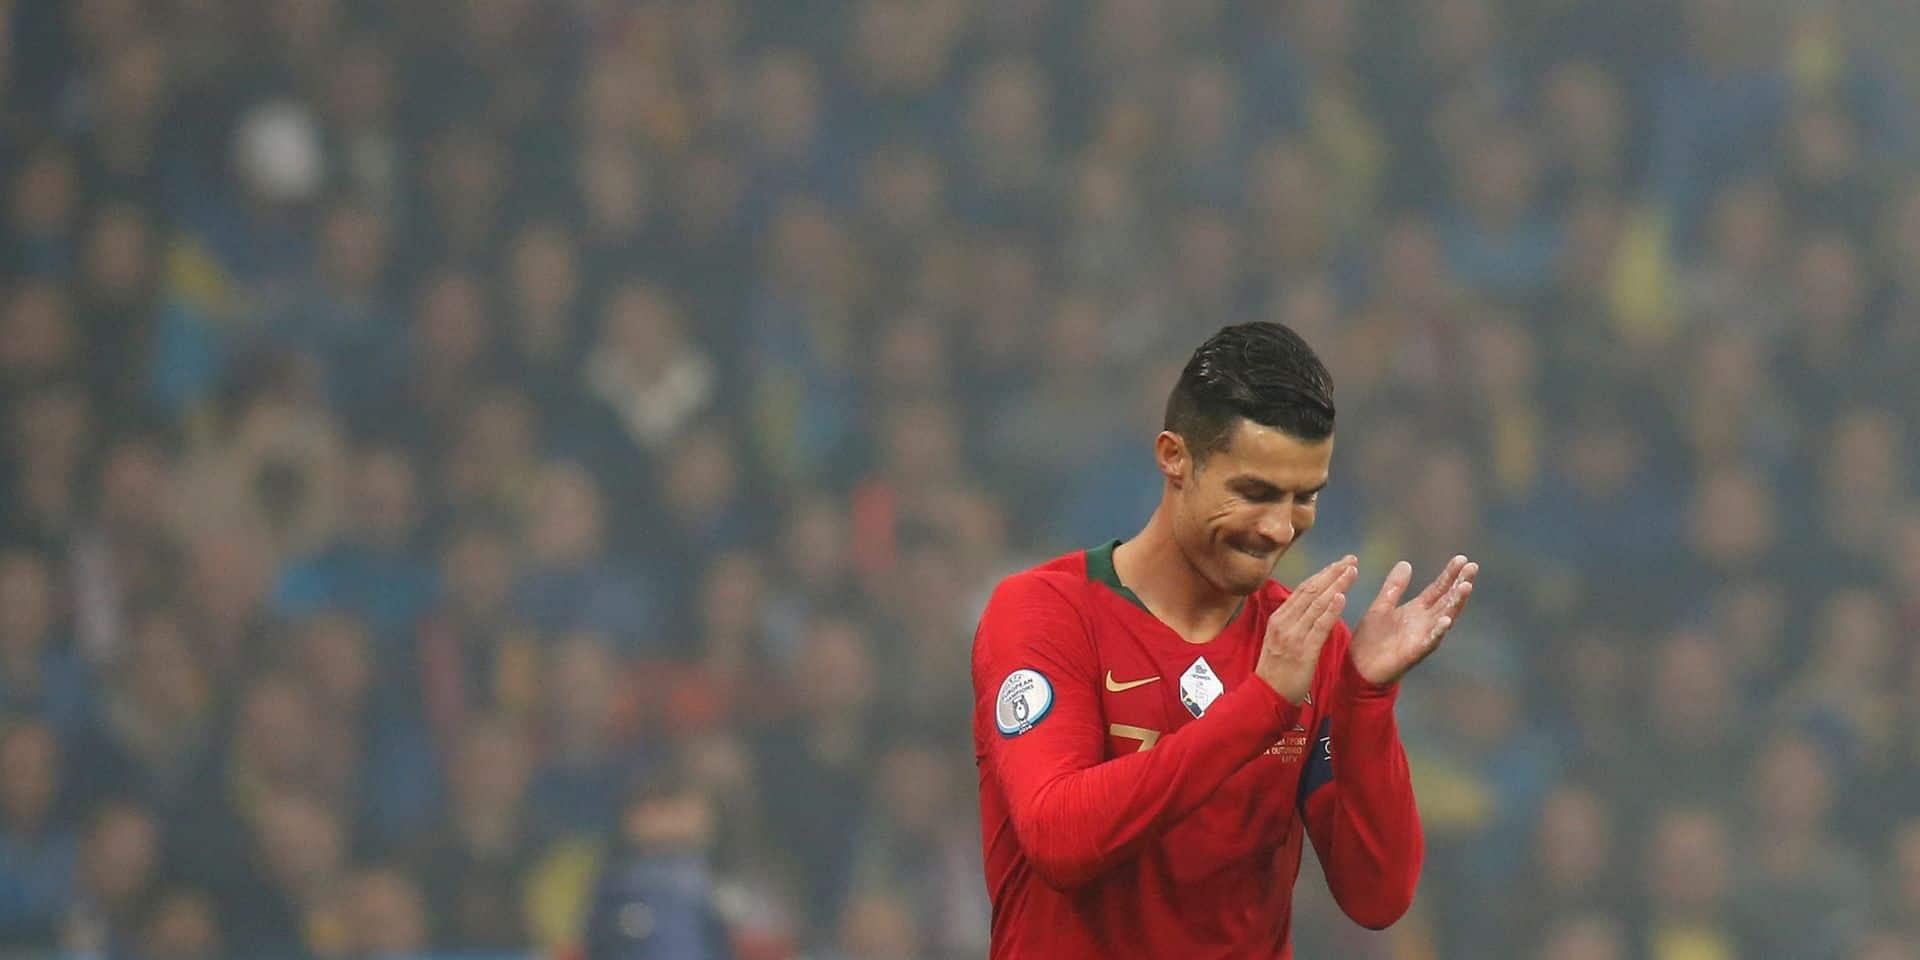 Cristiano Ronaldo plante son 700e but mais la fête est gâchée (VIDEO)